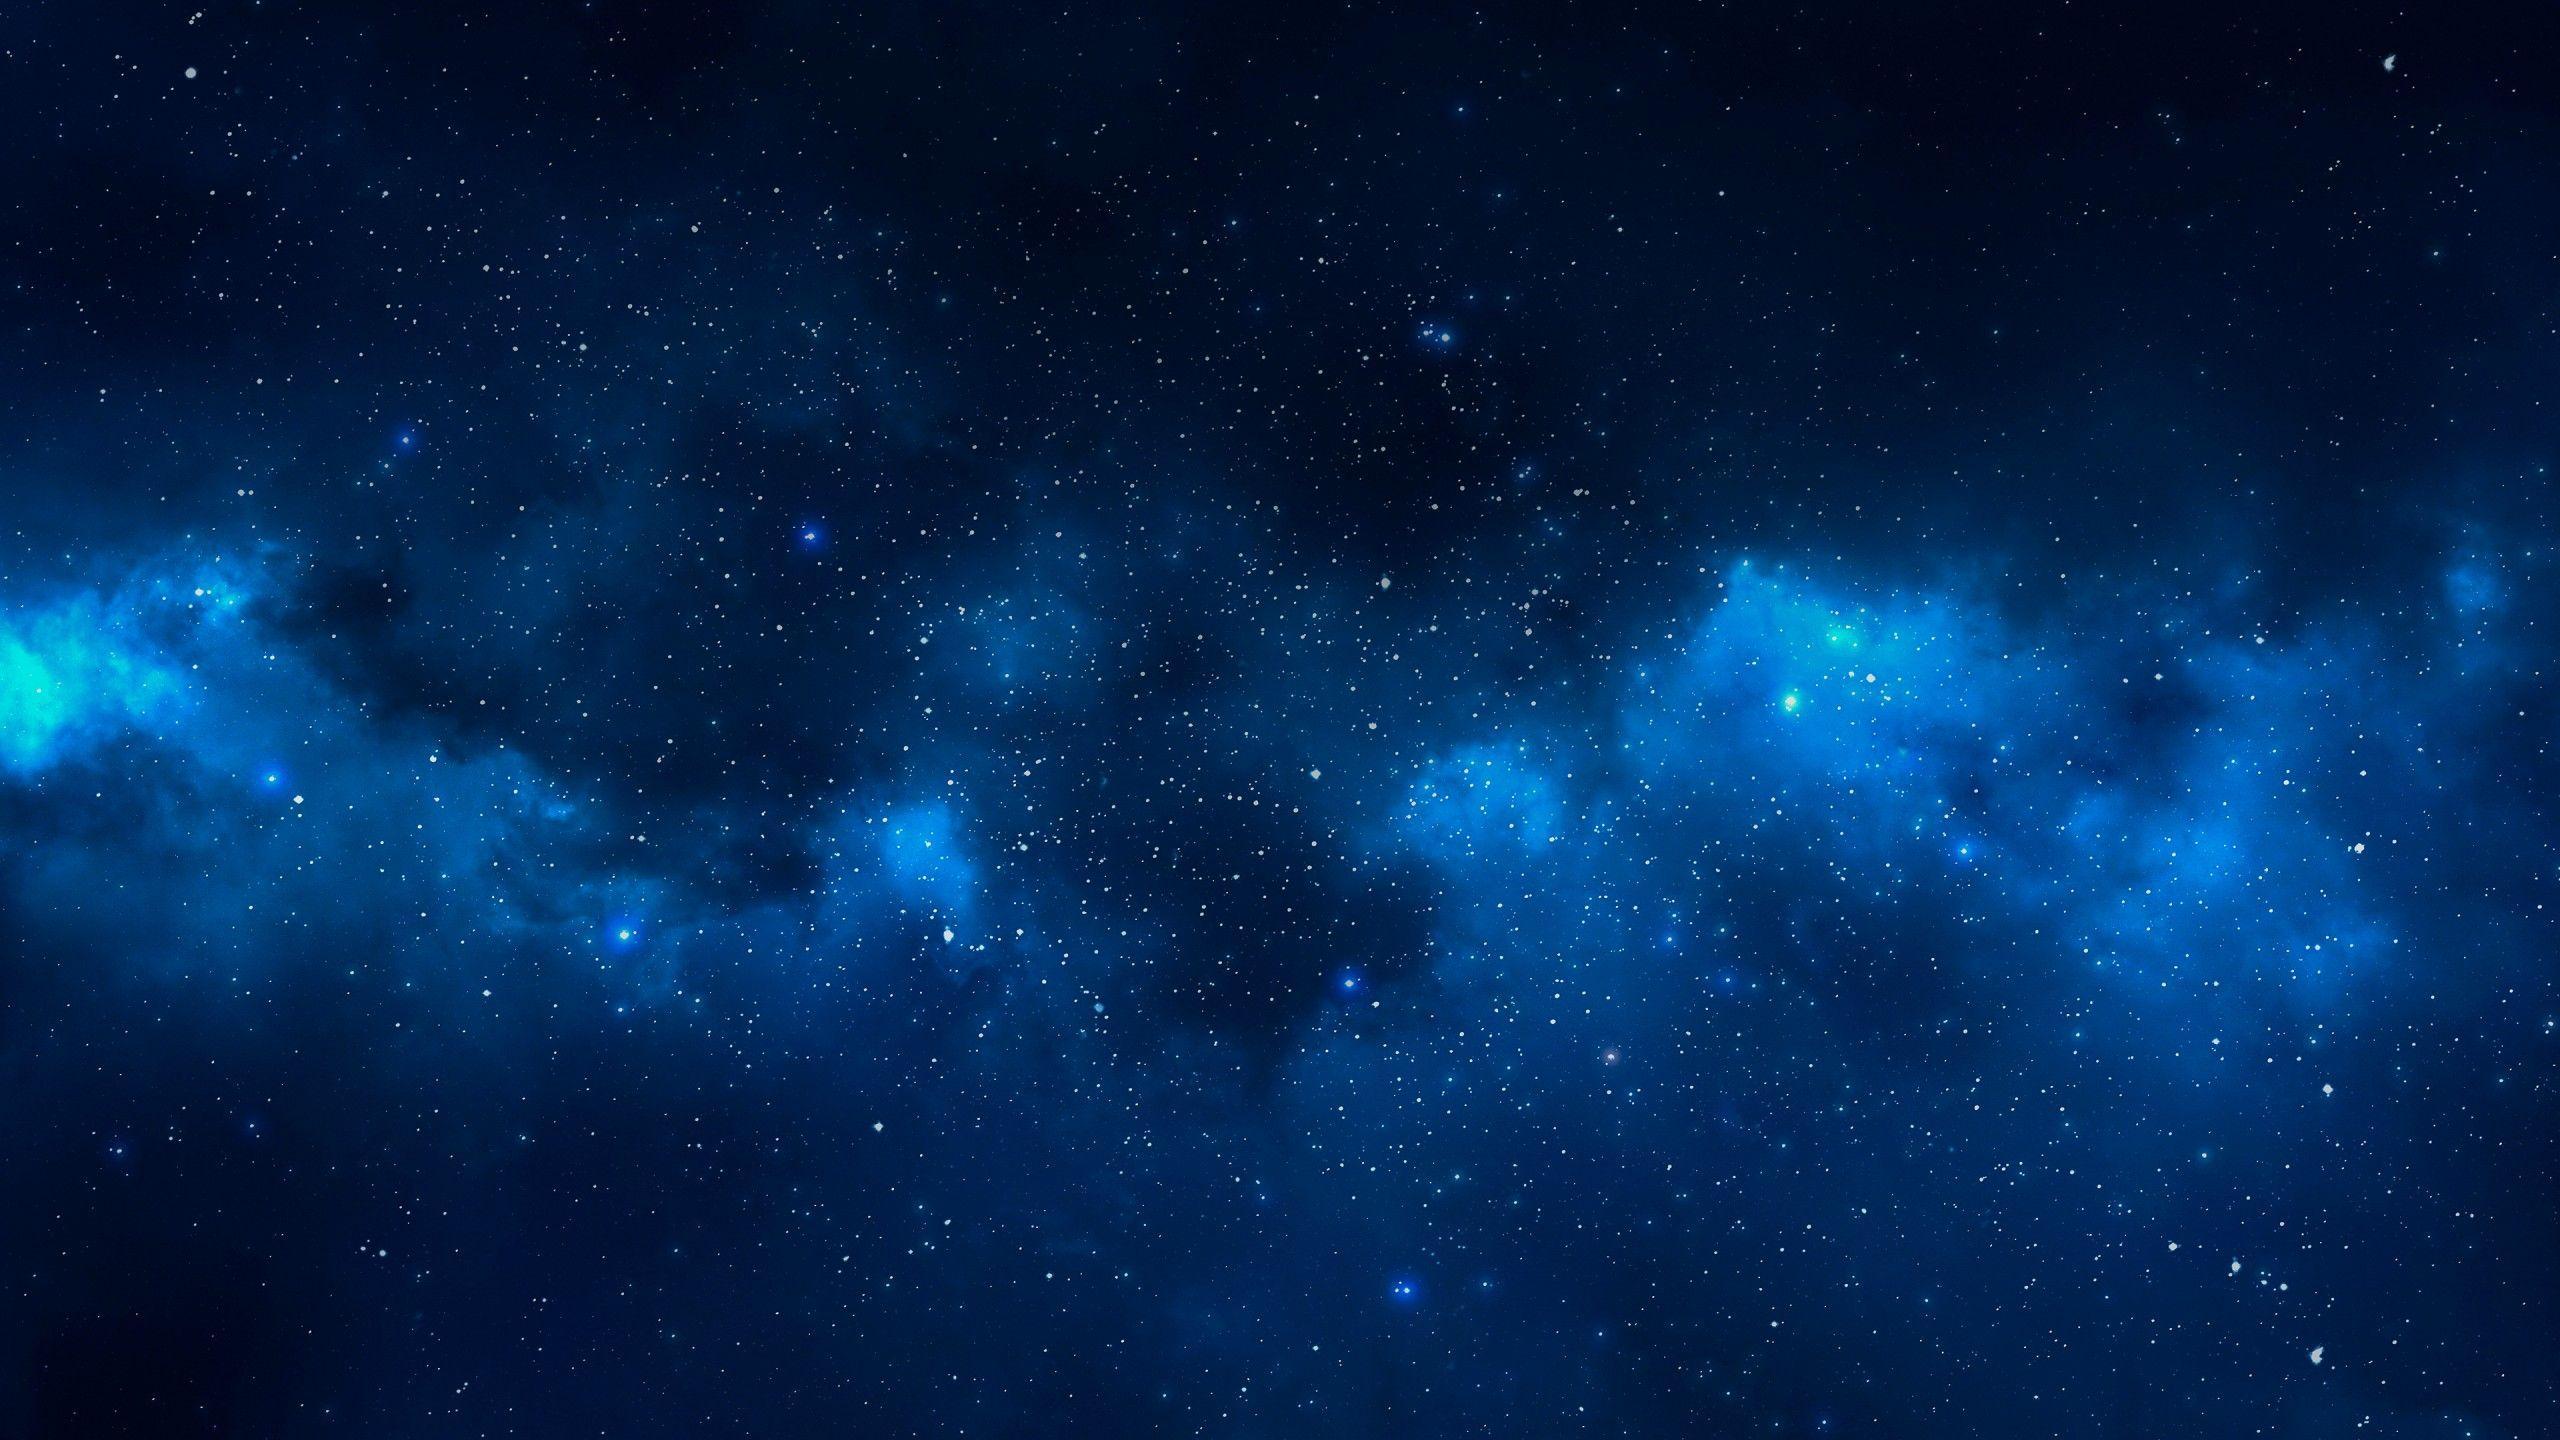 Deep Space Hd Wallpapers Top Free Deep Space Hd